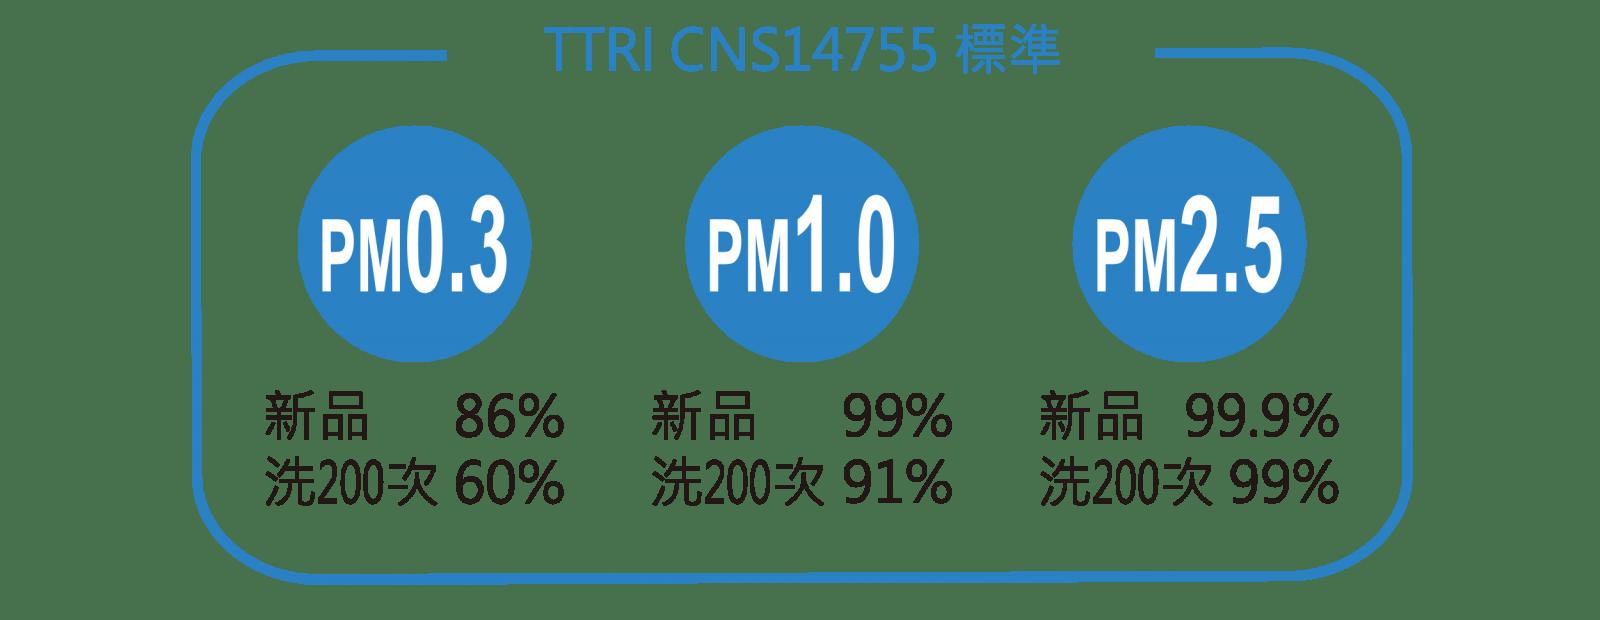 Poll-tex口罩通過CNS14755標準